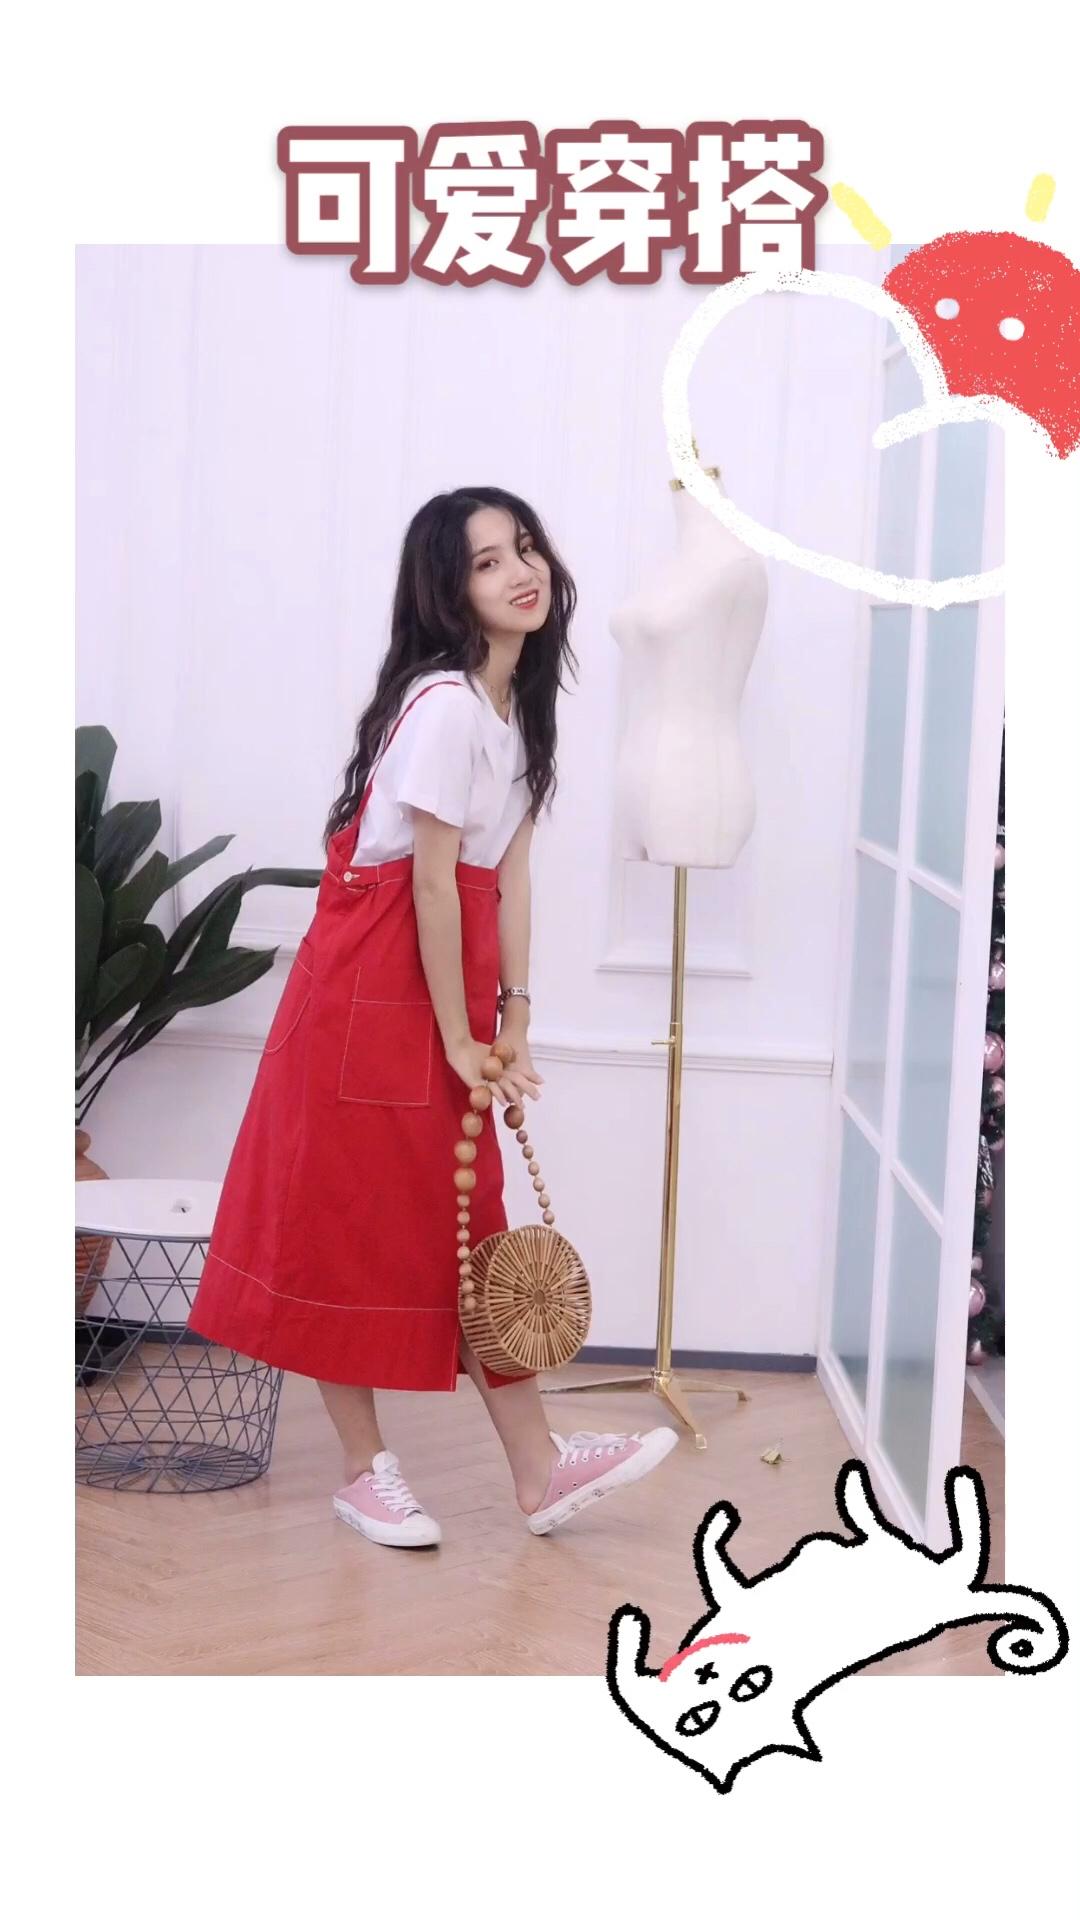 #小个子暑期穿衣指南#不同于平常的背带裙,这款背带裙十分宽大,给人古灵精怪的感觉,红色也是很适合夏天的颜色✨✨✨